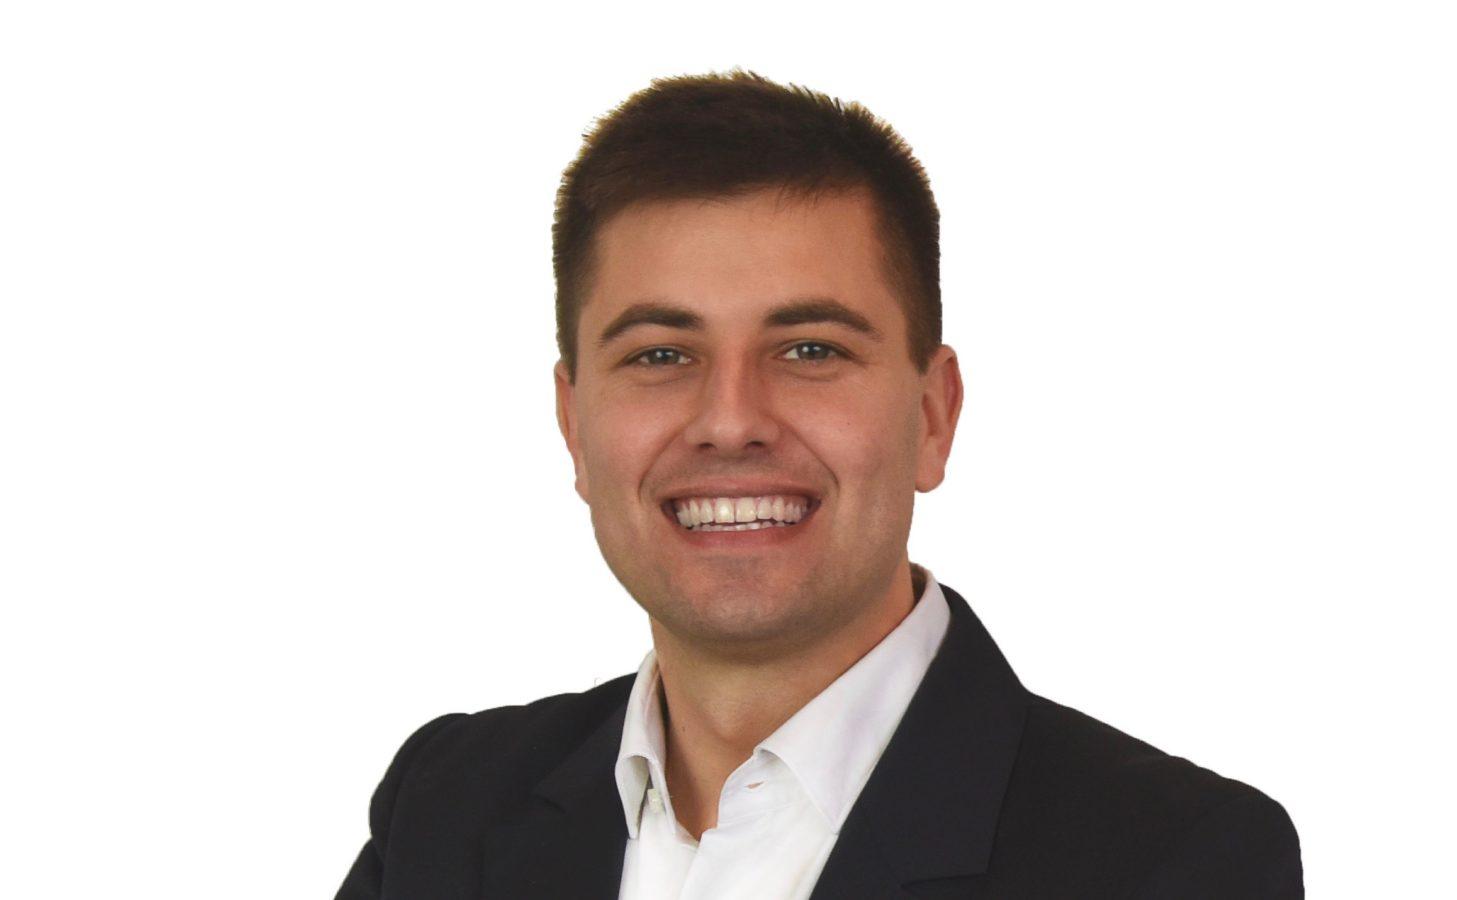 Interview d'Arnaud Barray: «Il n'y a pas vraiment d'ambition si ce n'est avoir un impact positif plus grand»